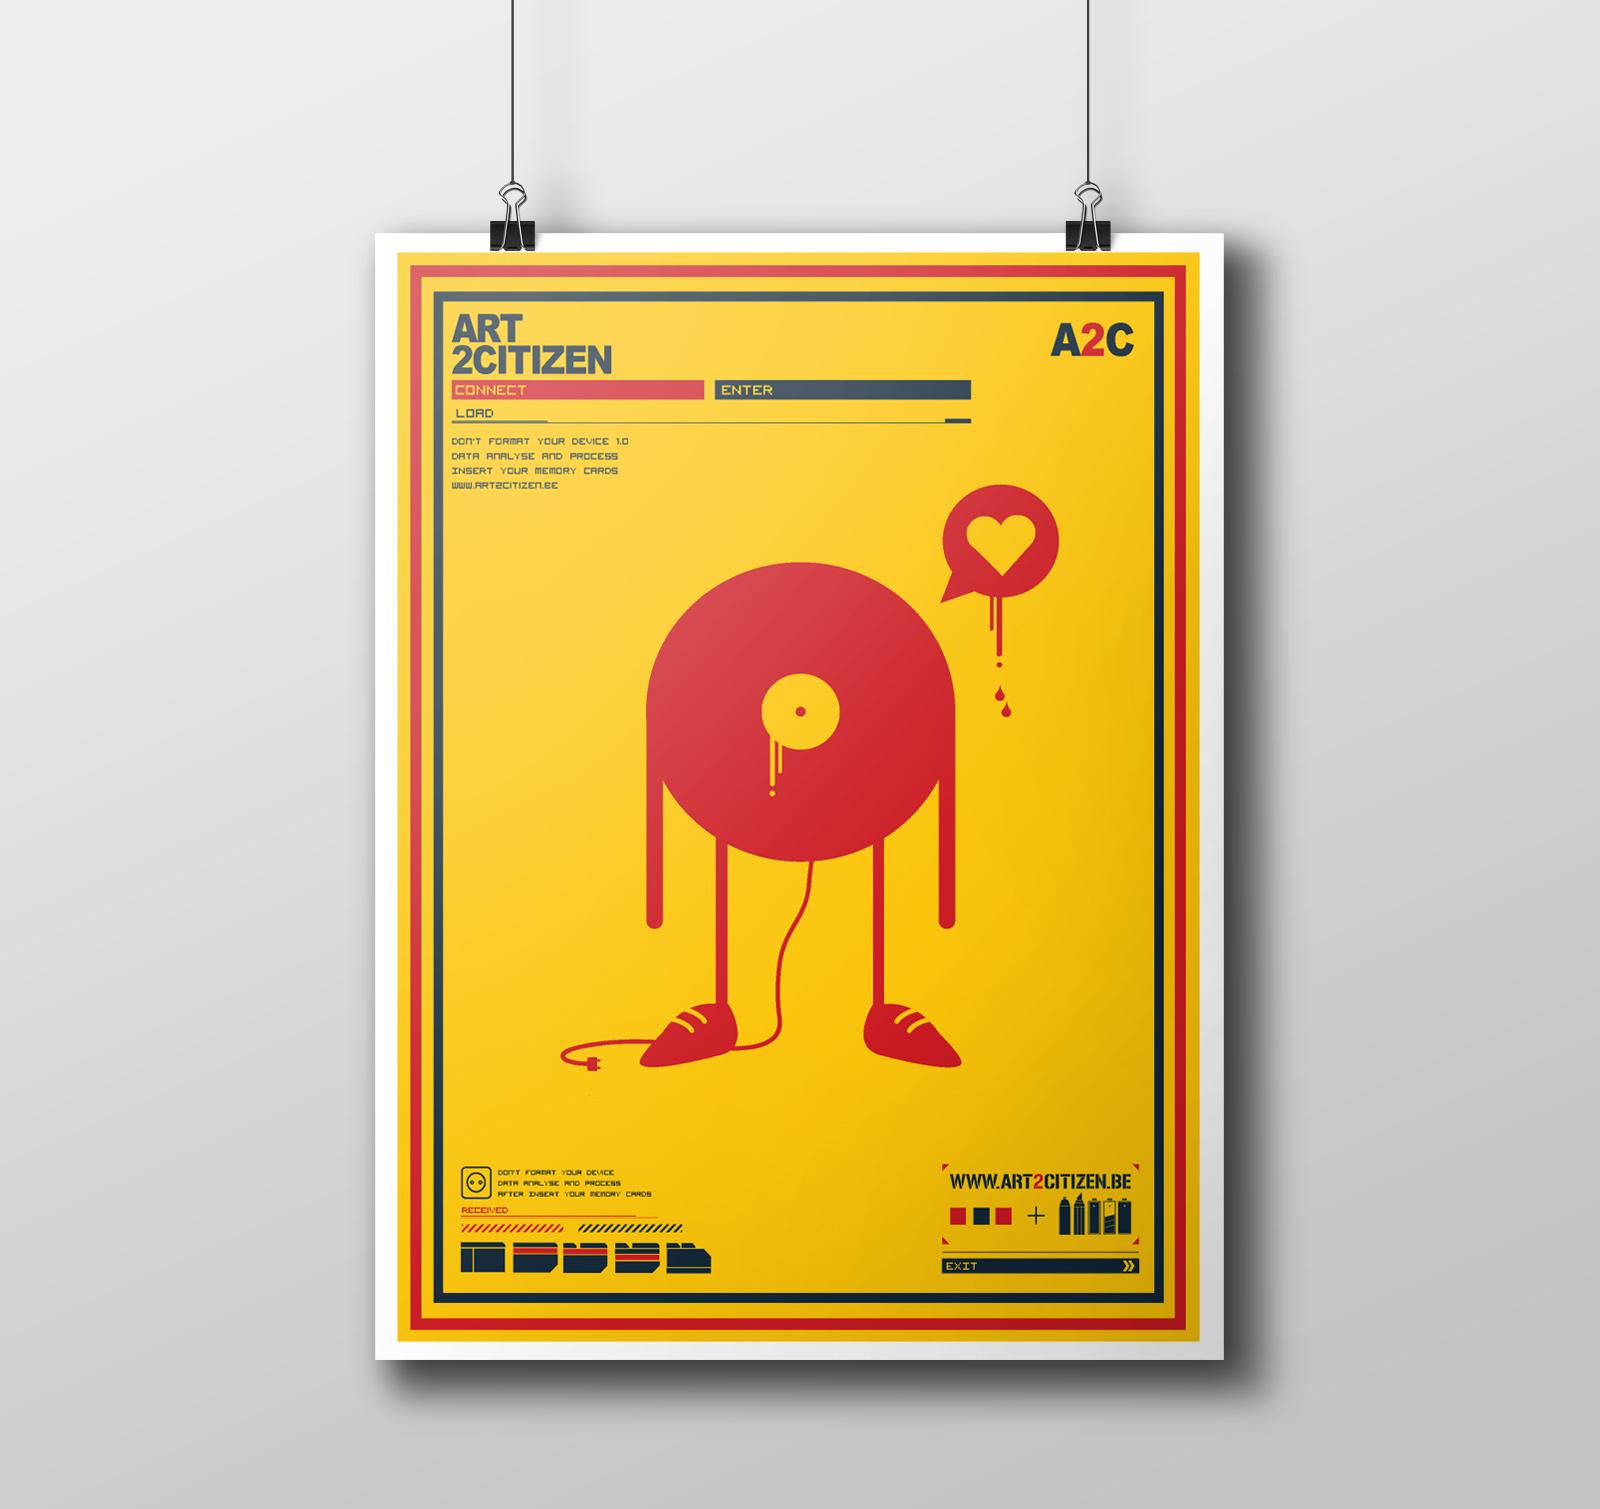 poster_mockup_MD-2d03